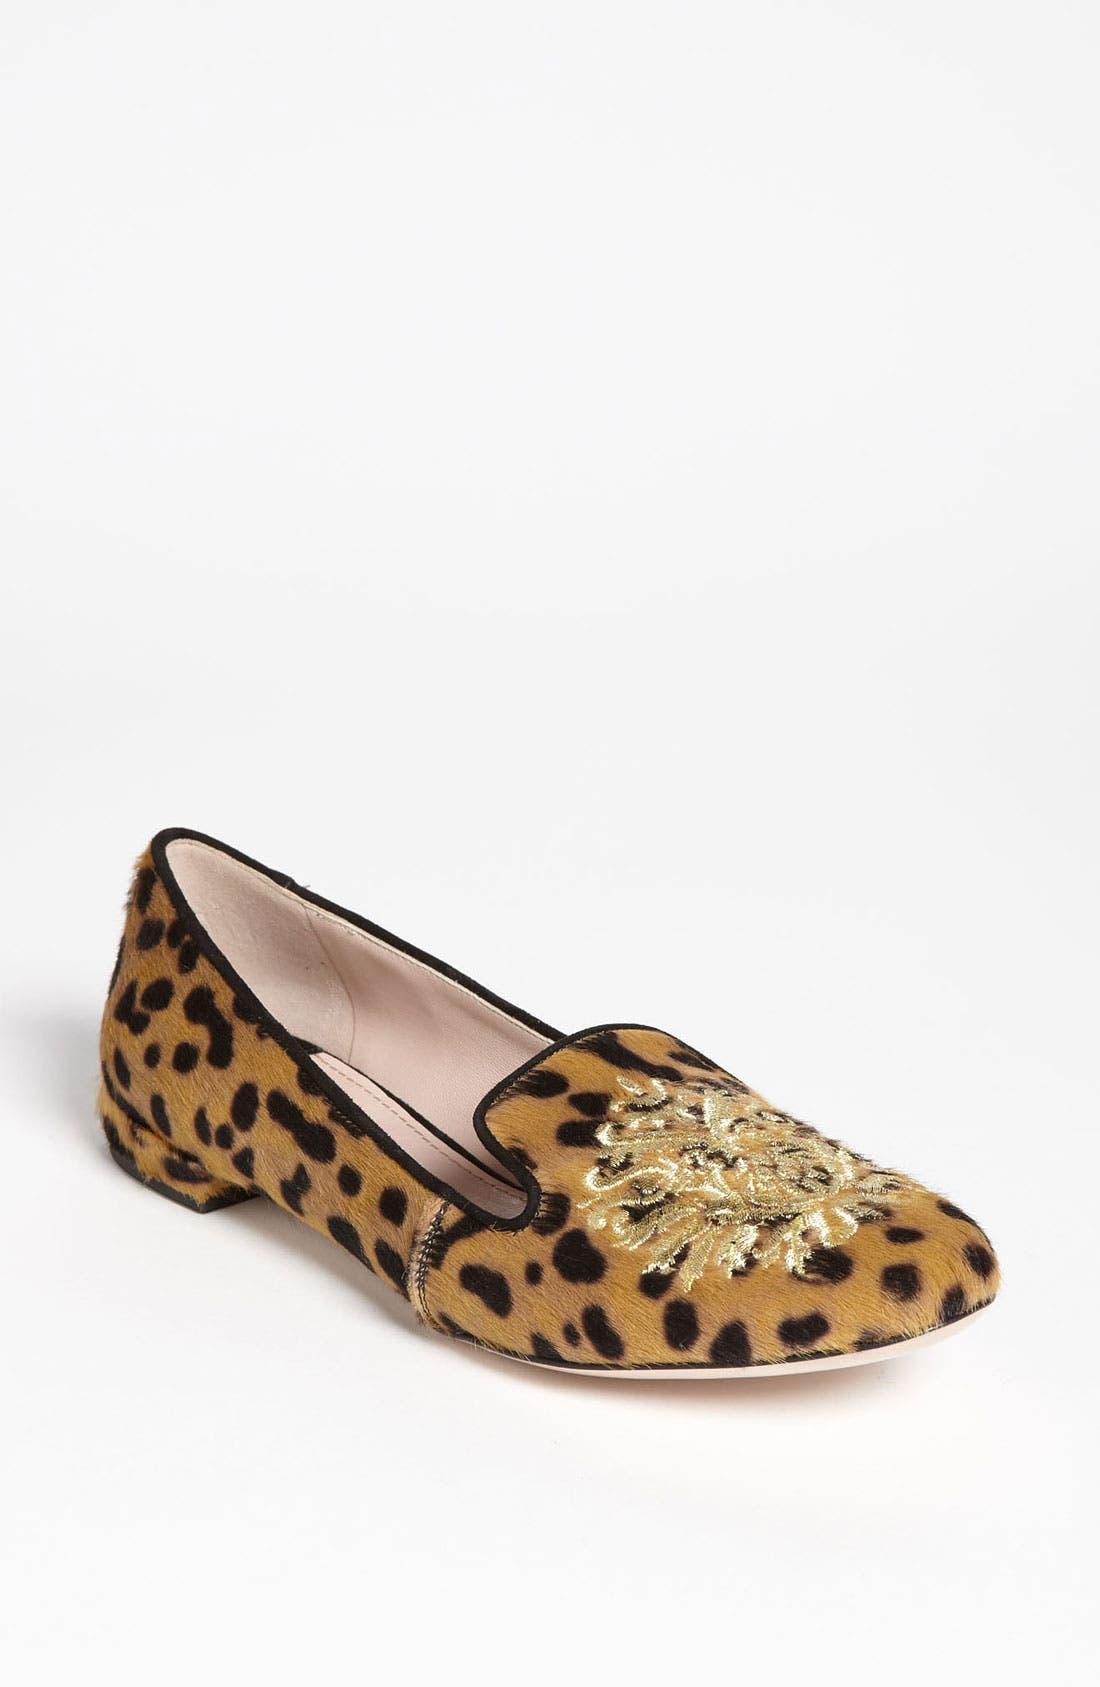 Alternate Image 1 Selected - Miu Miu Leopard Crest Smoking Flat